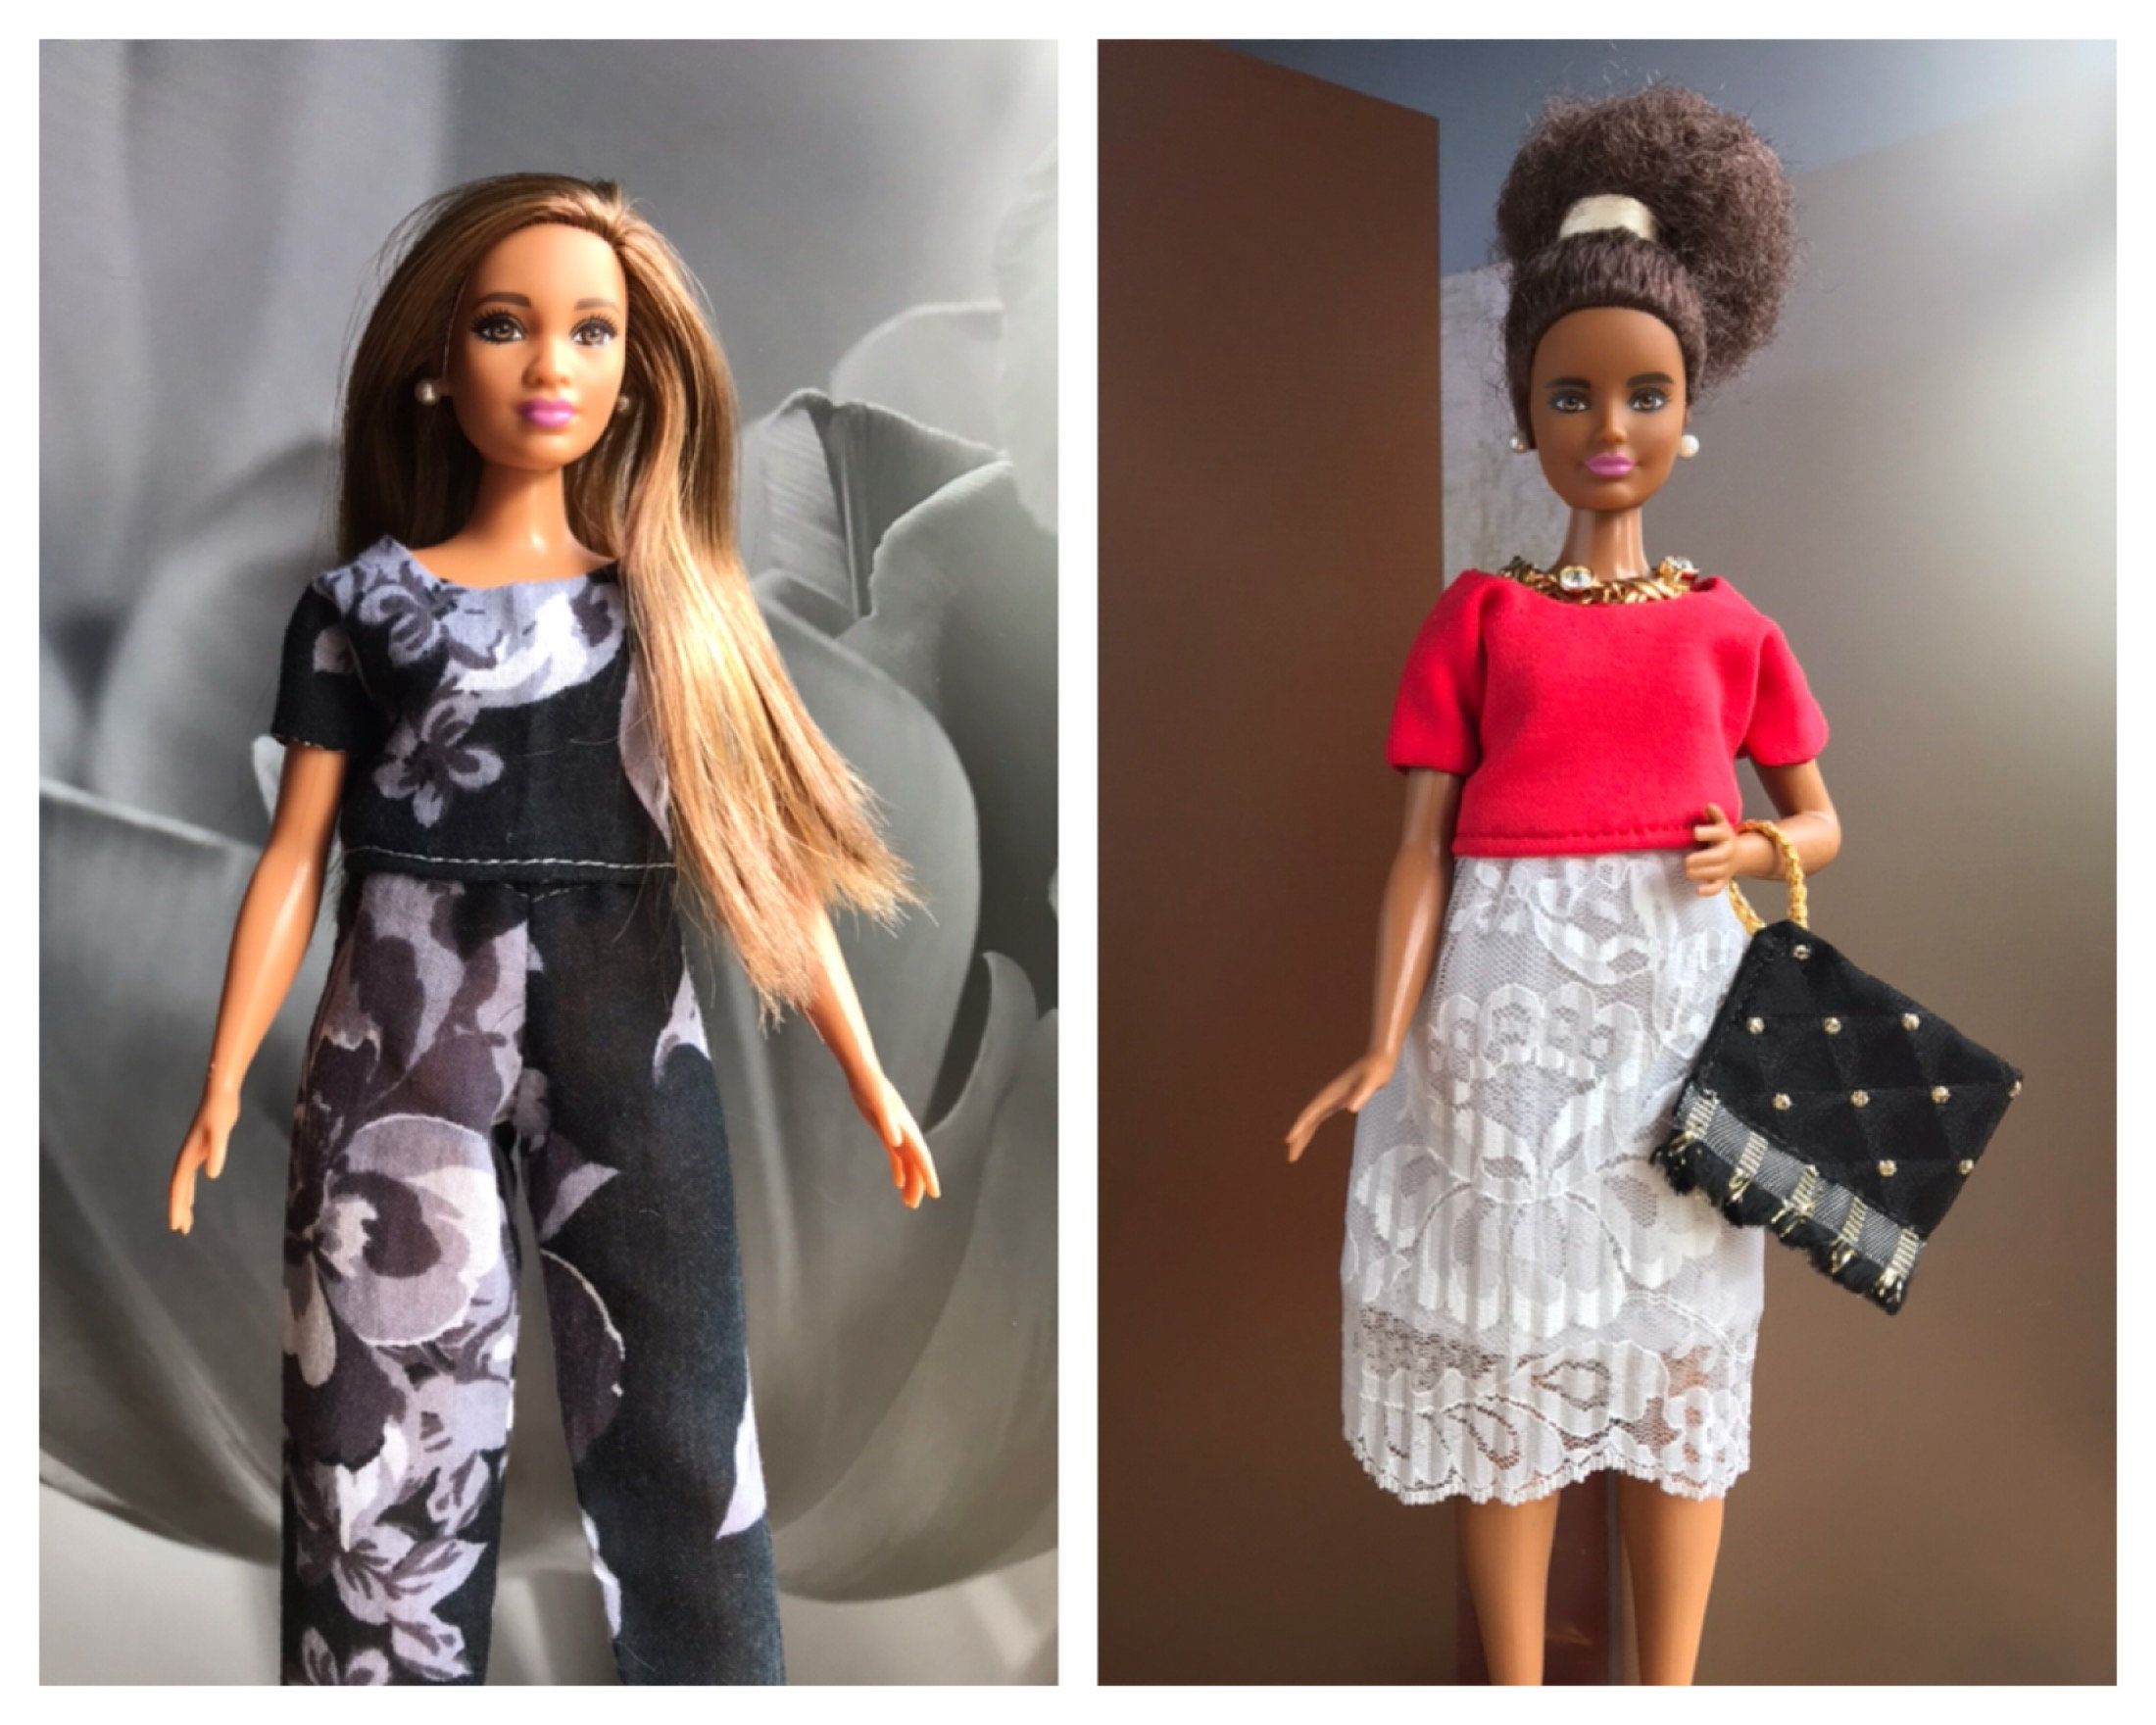 Doll Panties for Curvy Barbie